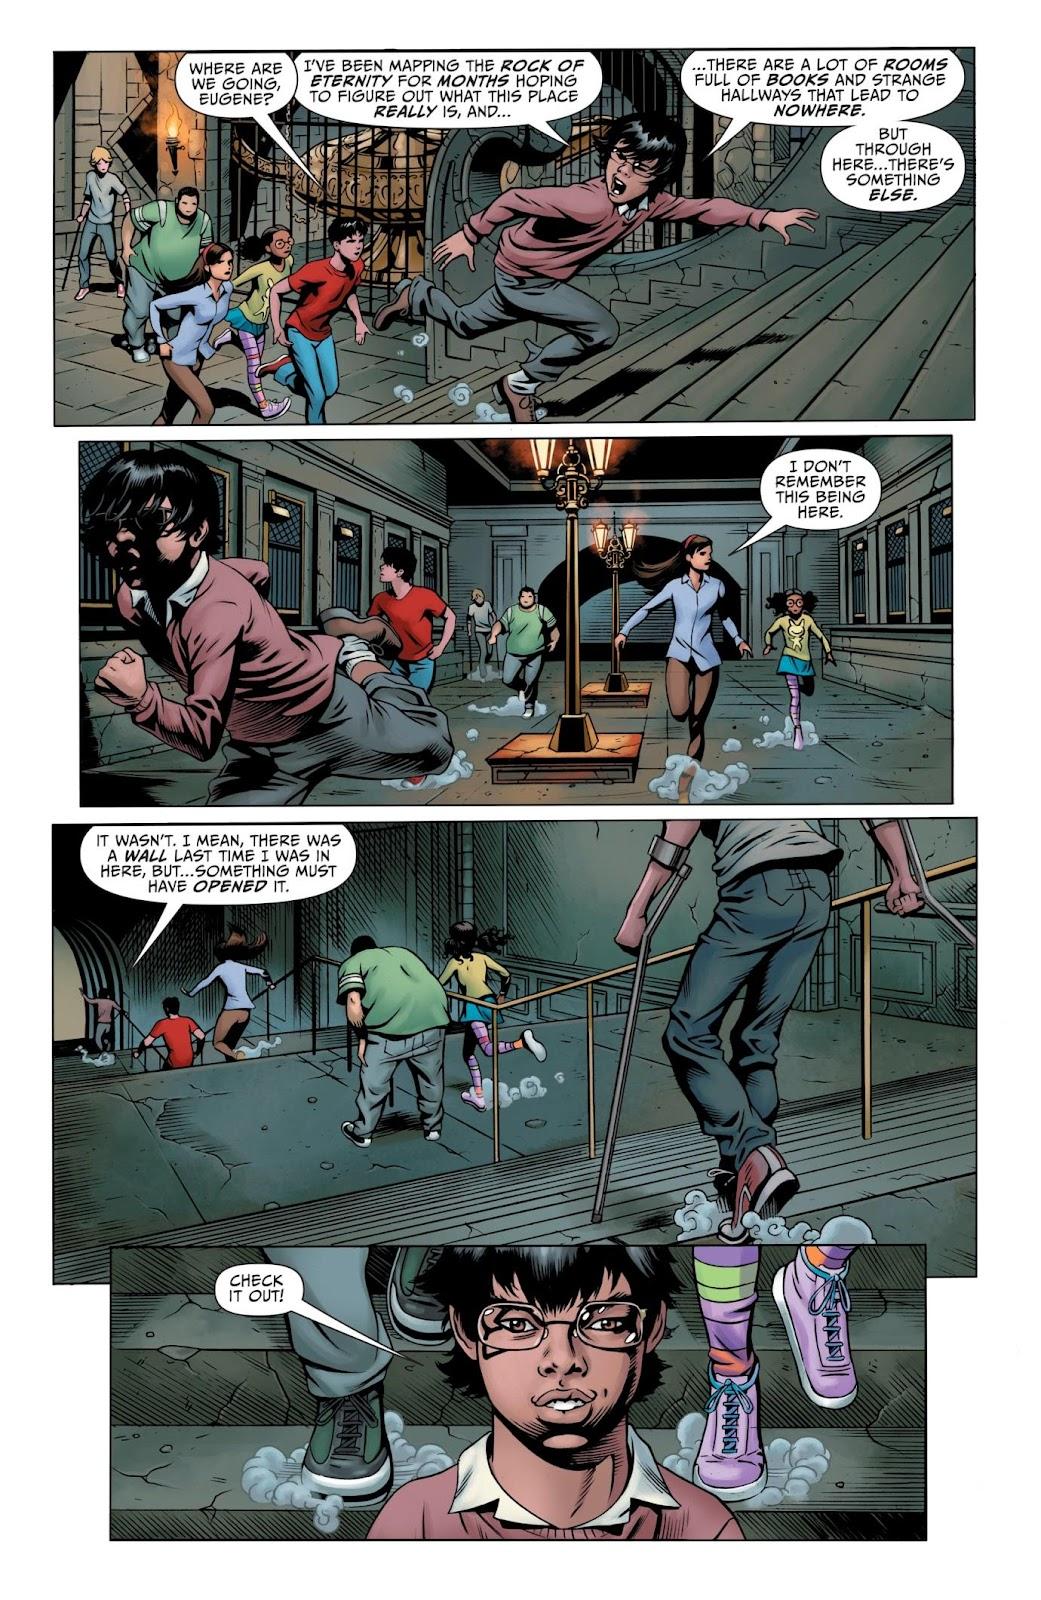 D:\Comics66\Shazam\shazam01\Shazam01pic\Shazam! (2018-) 001-016.jpg